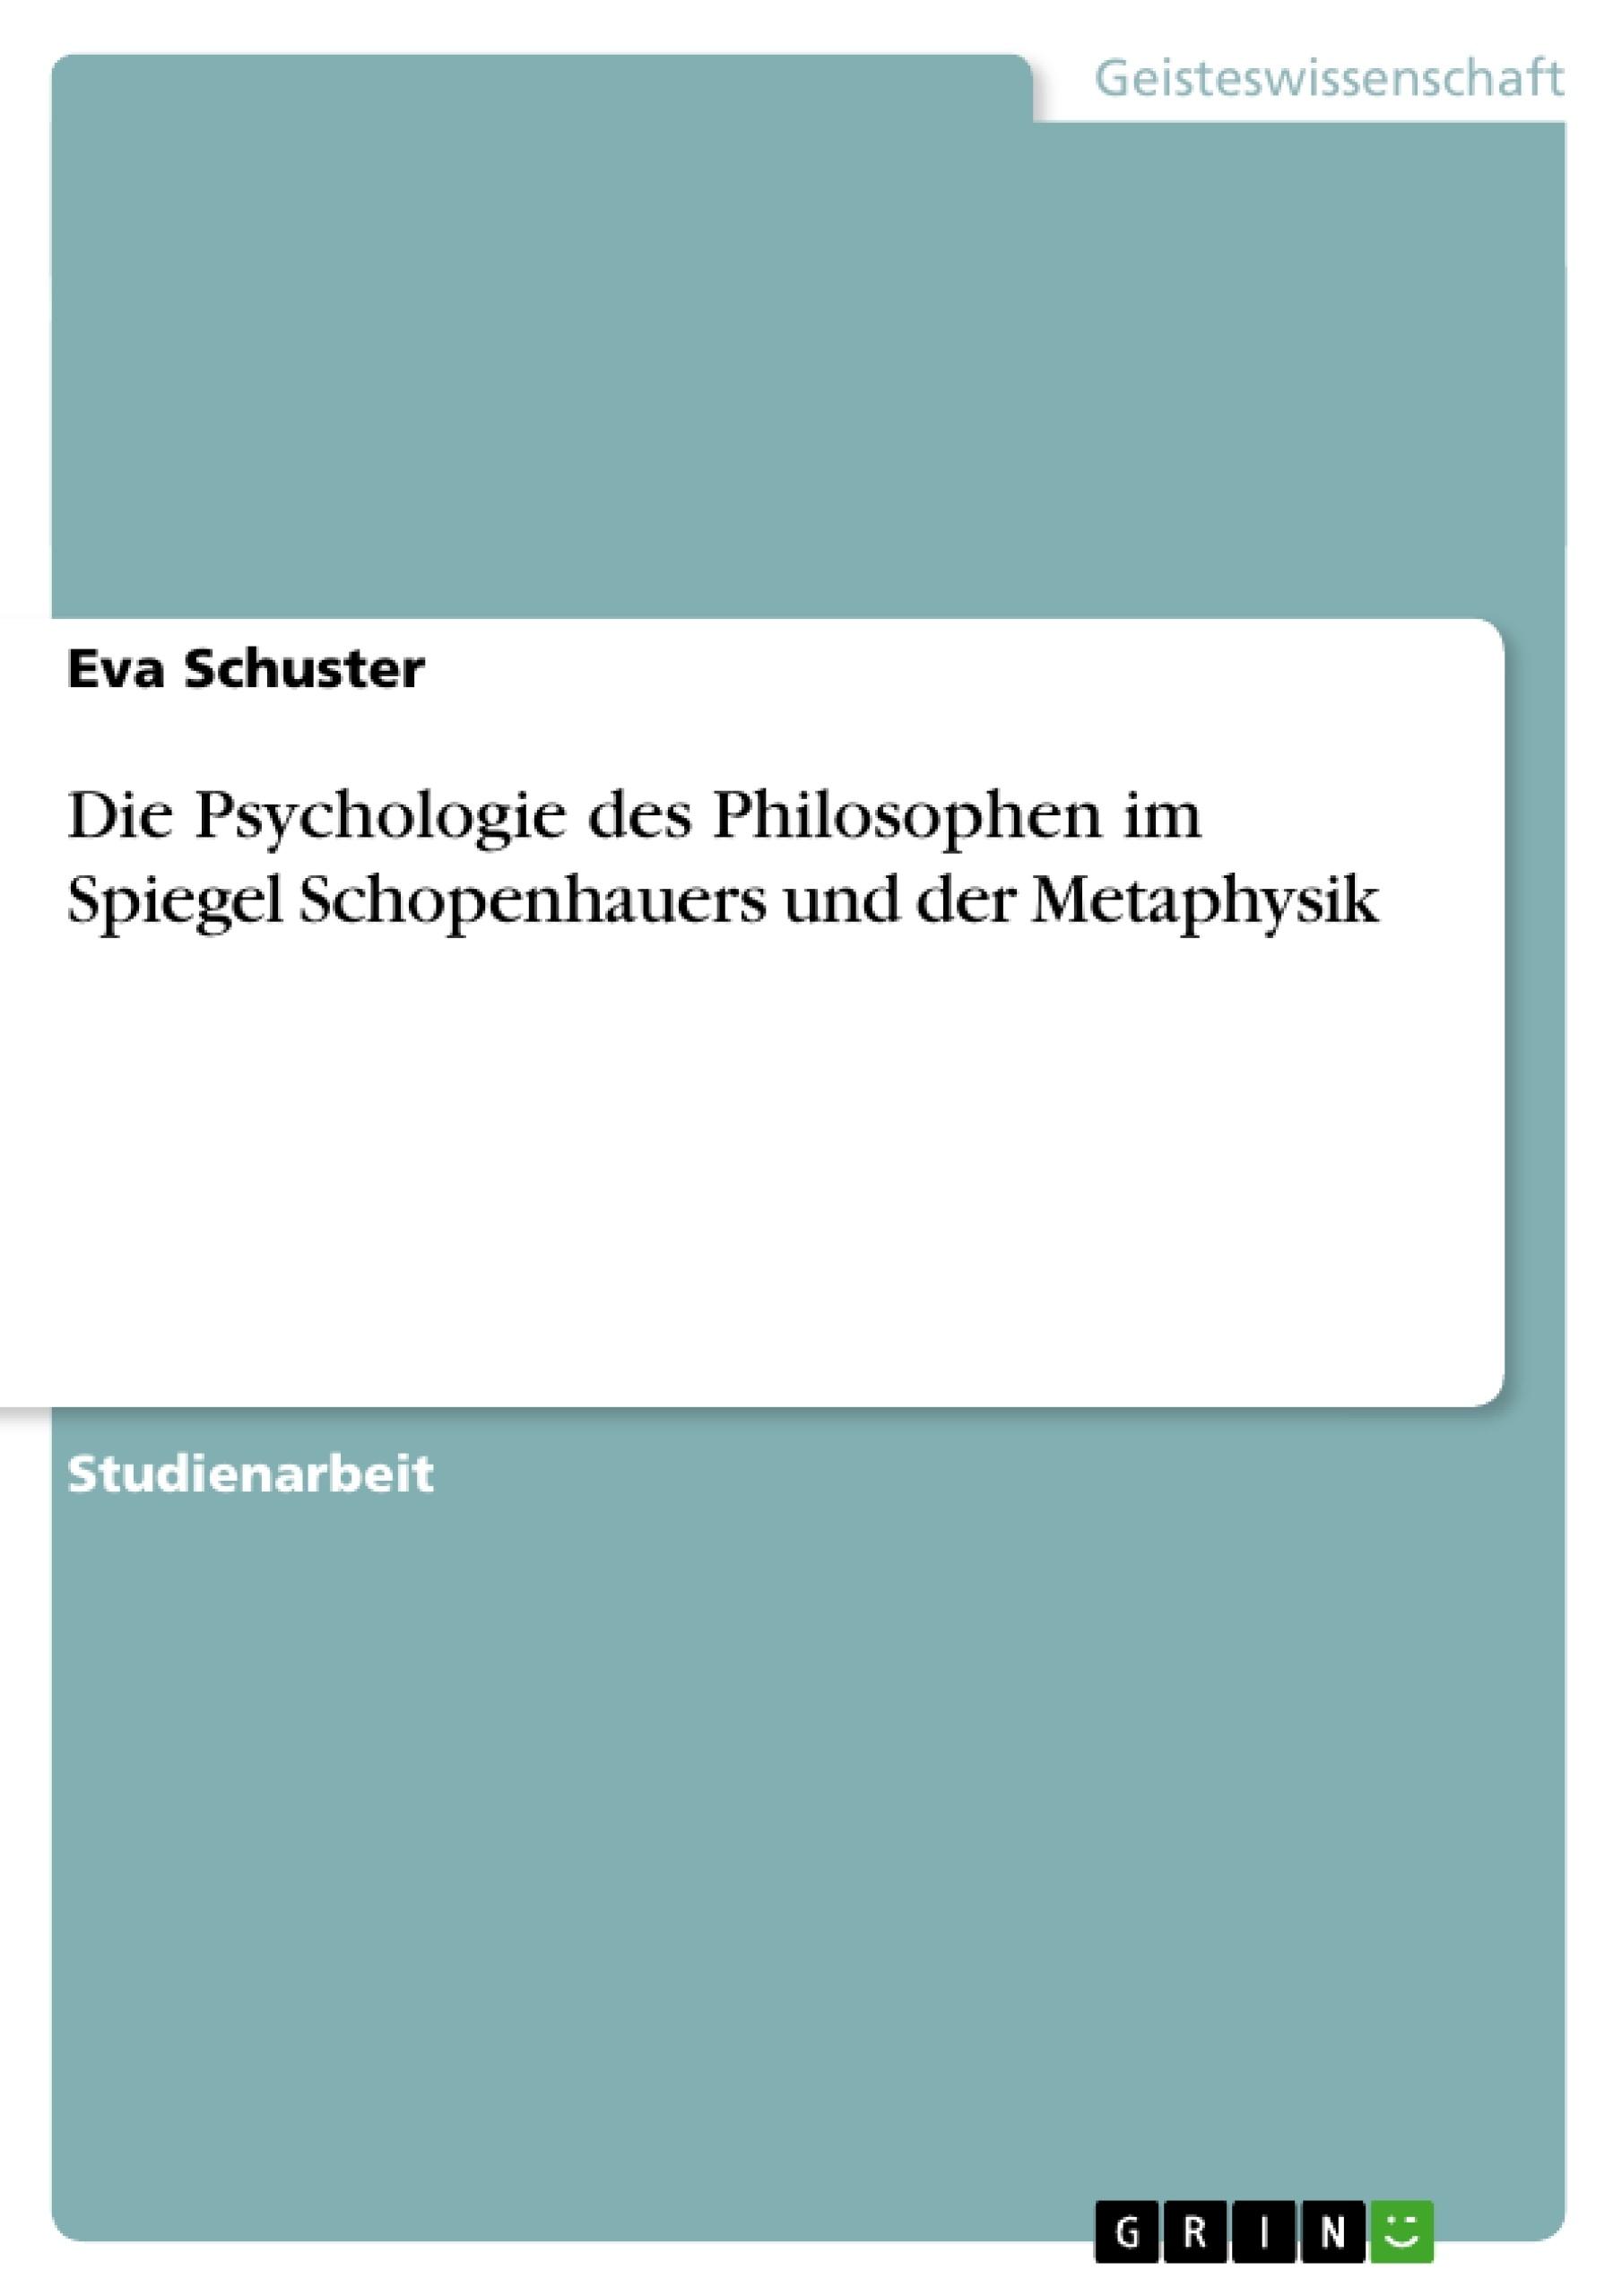 Titel: Die Psychologie des Philosophen im Spiegel Schopenhauers und der Metaphysik